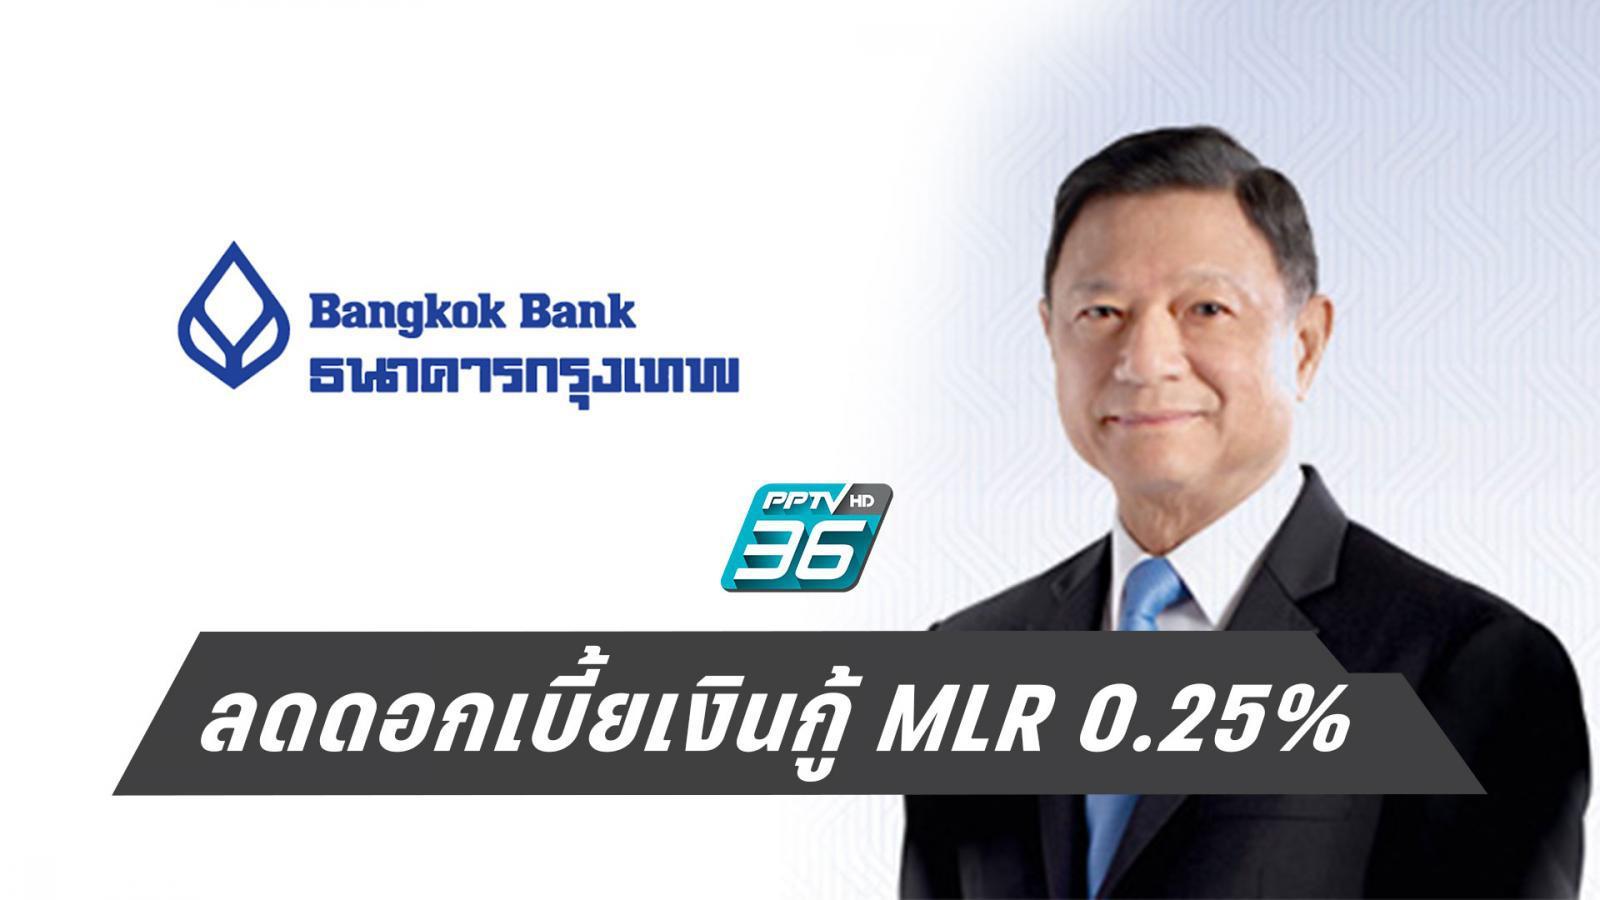 ธ.กรุงเทพ ปรับลดดอกเบี้ยเงินกู้ MLR 0.25% หวังช่วยผู้ประกอบการลดต้นทุน